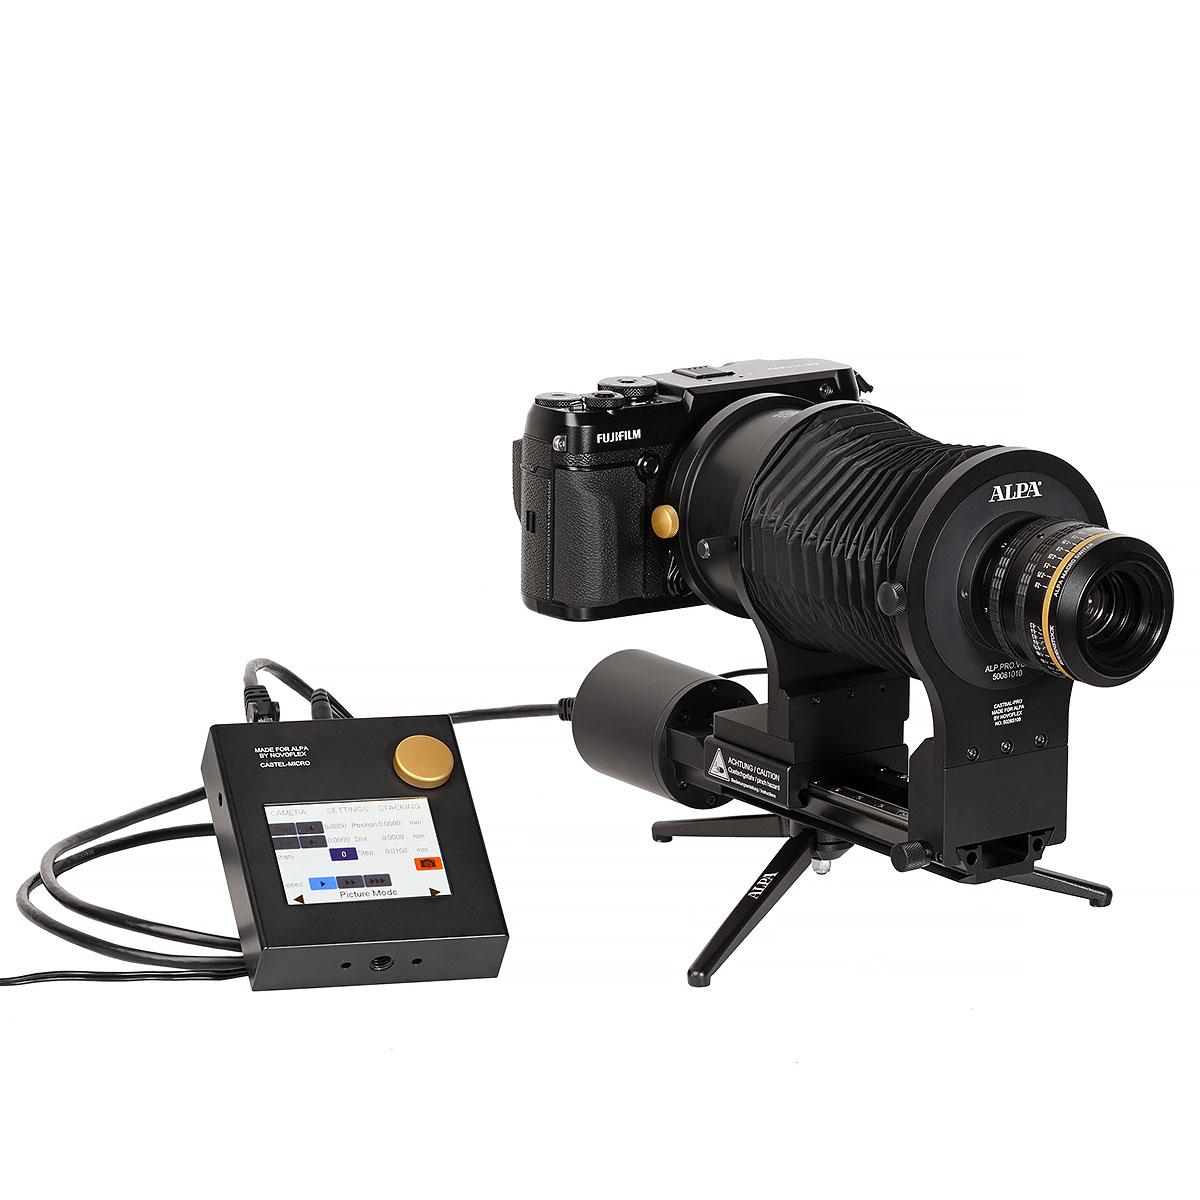 Wir stellen vor: ALPA Adapter Fujifilm GFX Bodies auf ALPA Balgengeräte